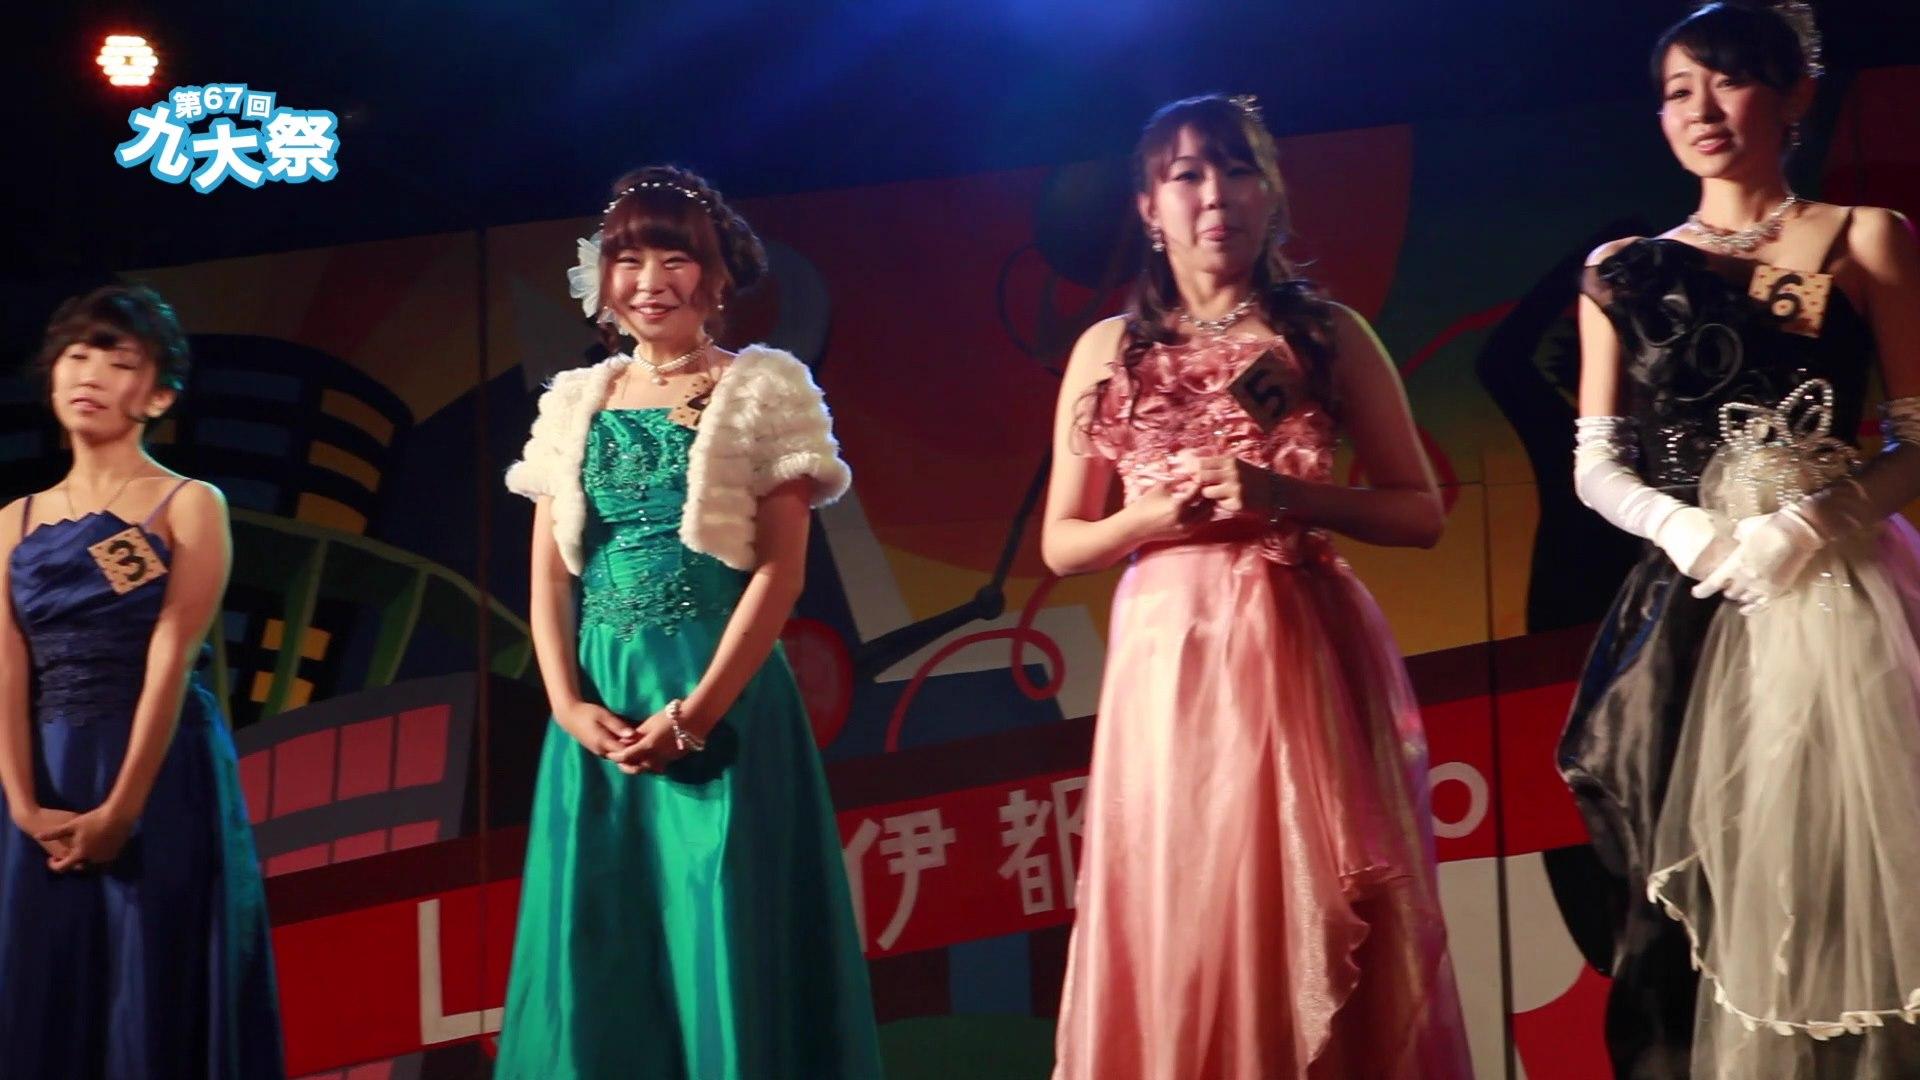 第67回 九州大学学祭.mov_000579399